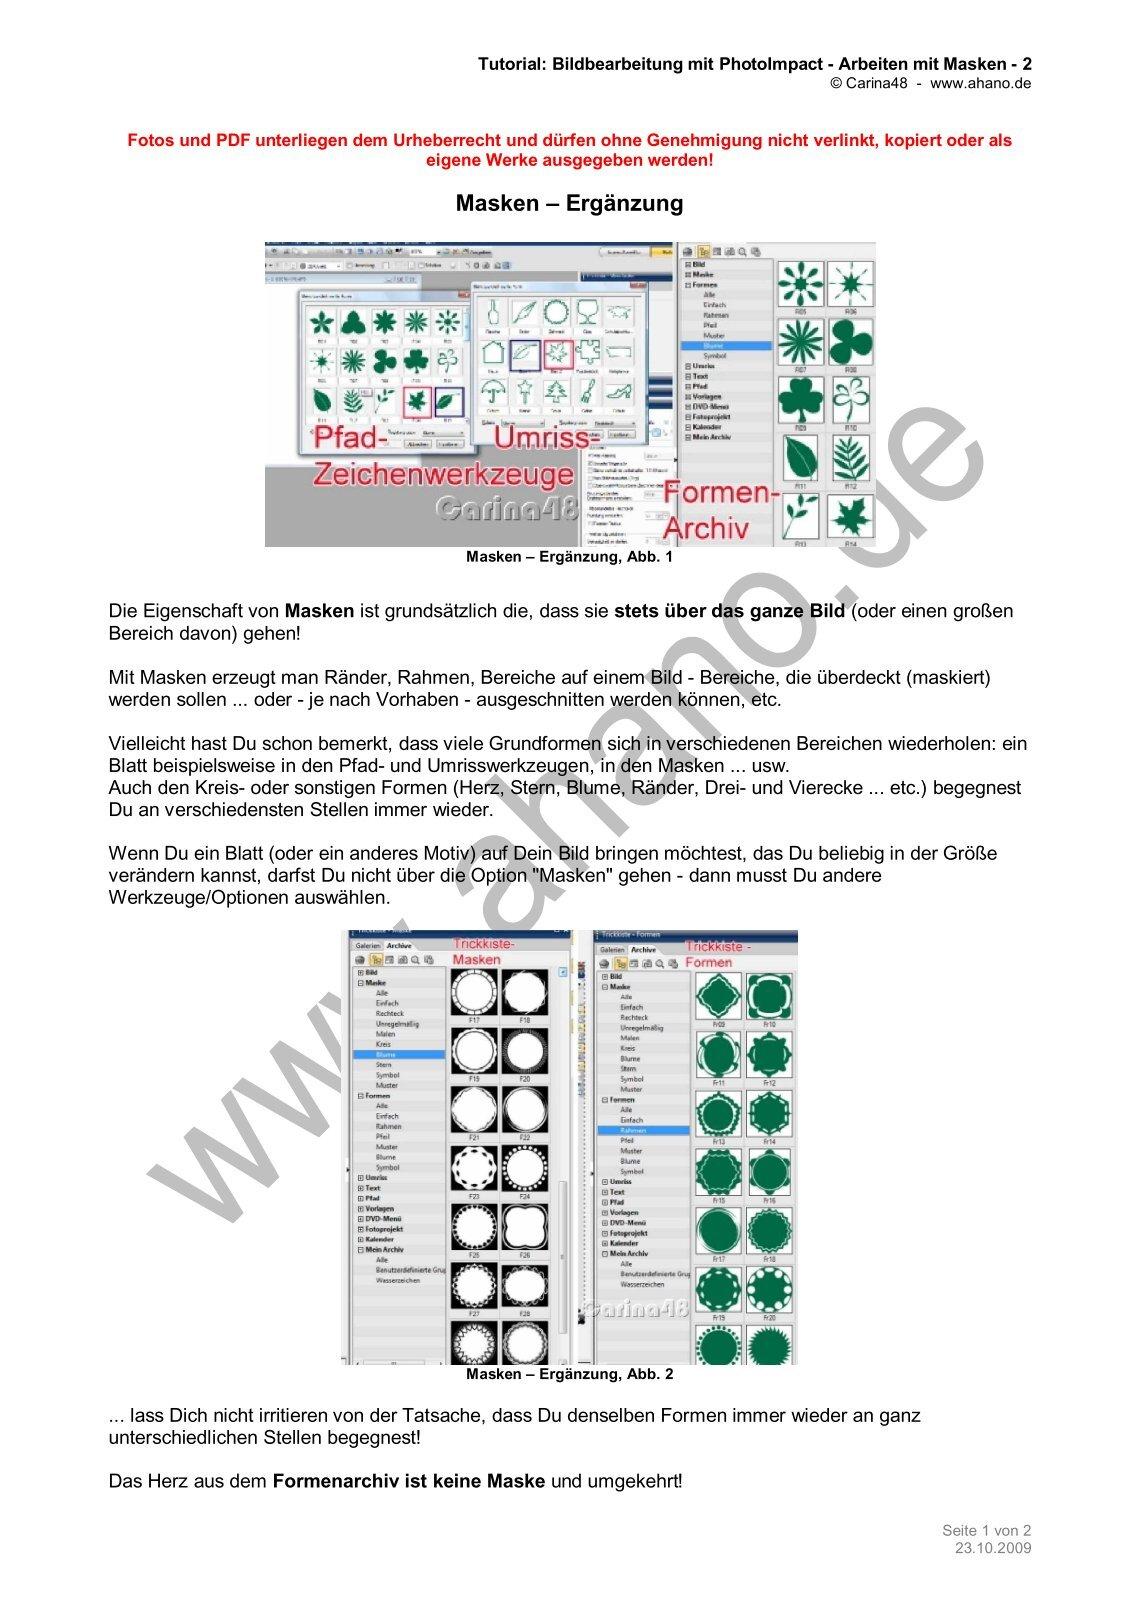 Großartig Idealer Drahtmutterspanner Fotos - Elektrische Schaltplan ...